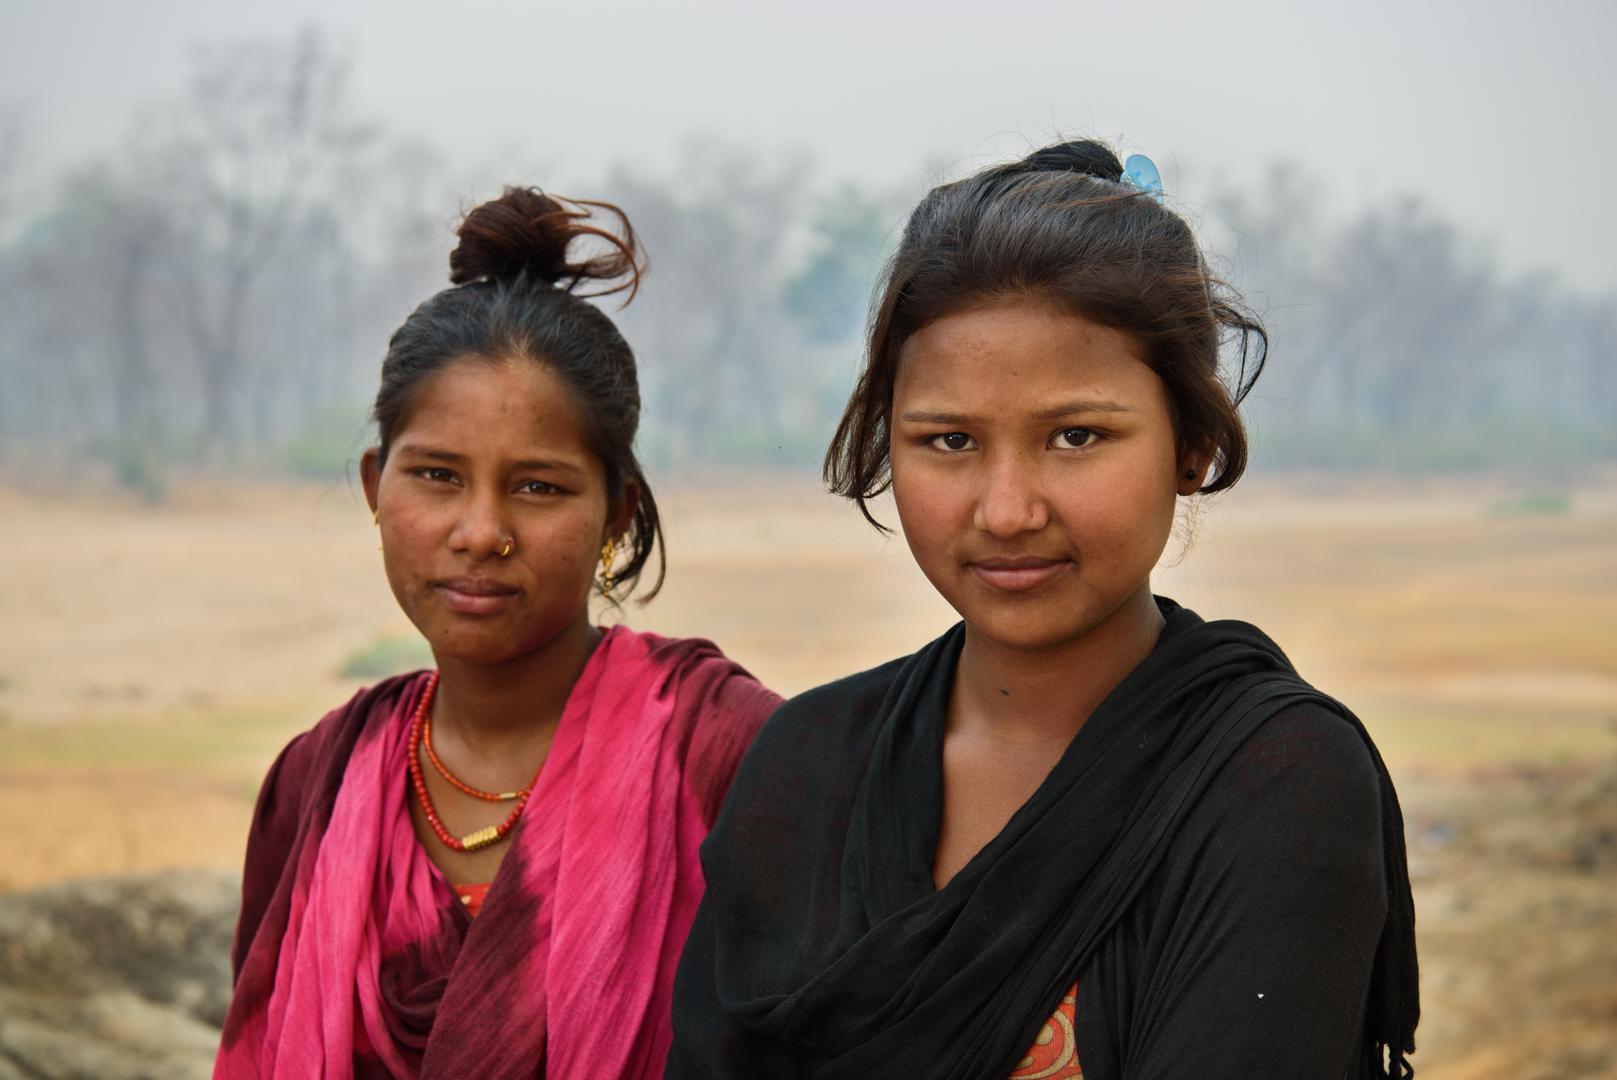 शर्मि र्मिला जी., १४, र शारदा डी., १५ कैलालीमा। शारदा स्कूल जाँदैछिैछि न् र आफ्नो गाउँका अरू केटीहरू जसरी विवाह गर्न चाहन्नन्। शर्मि र्मिलाले १२ वर्षमै भागी विवाह गरेकी हुन् र यो फोटो खिच्दा उनी सात महि नाकी गर्भवत ी थिइन्। उनलाई सानैमा विवाह गरेकोमा पछुत